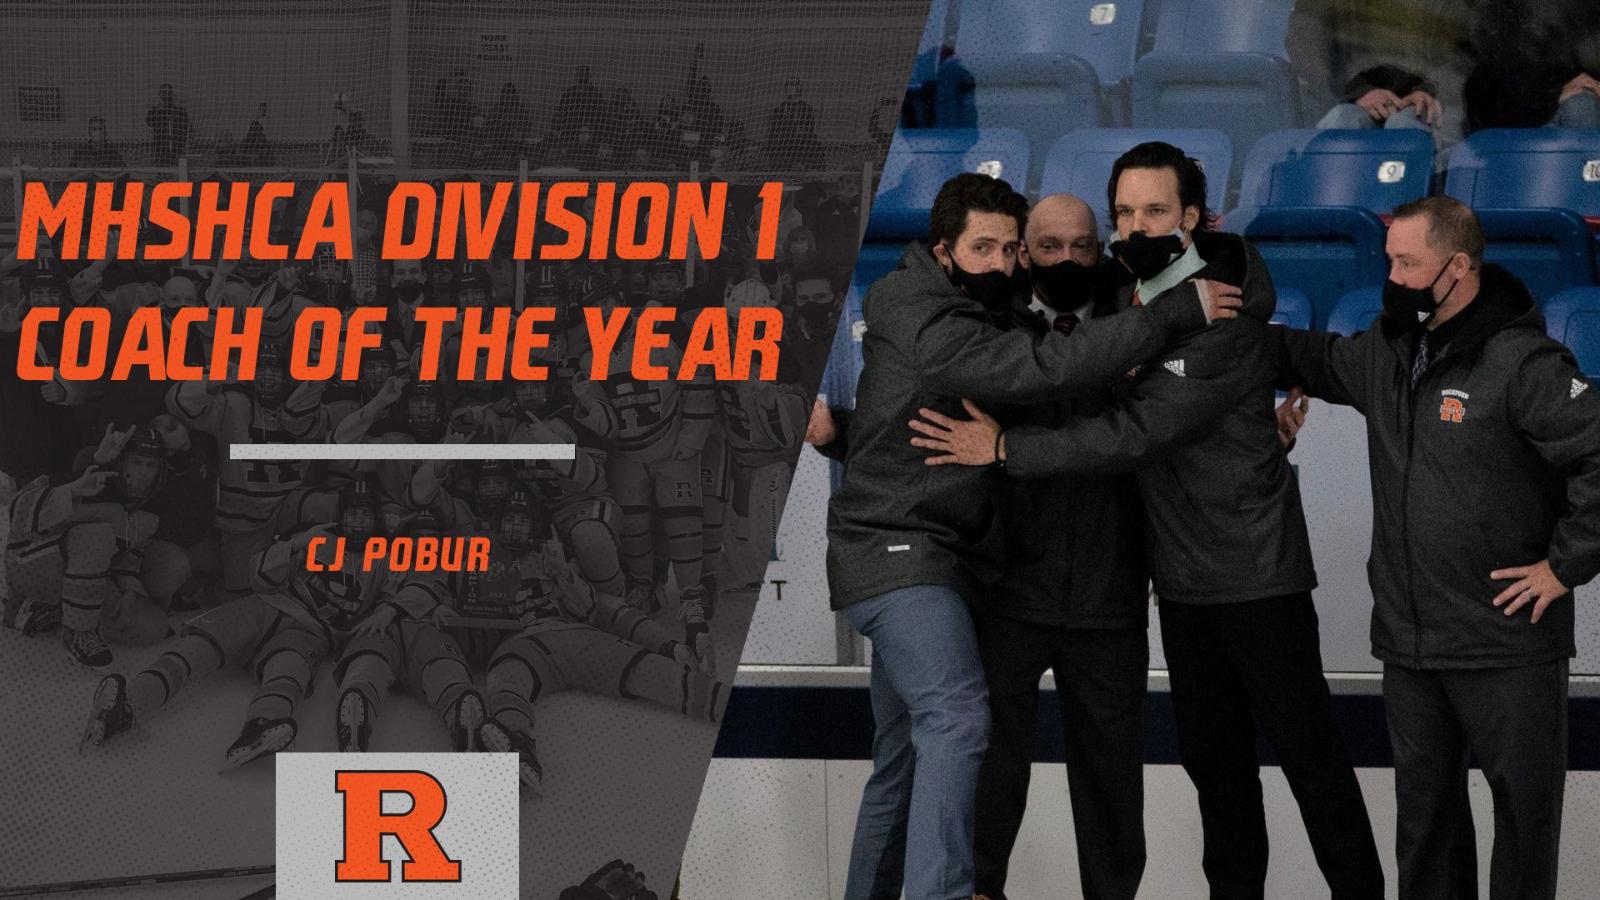 Coach Pobur awarded MHSHCA D1 Coach of the Year